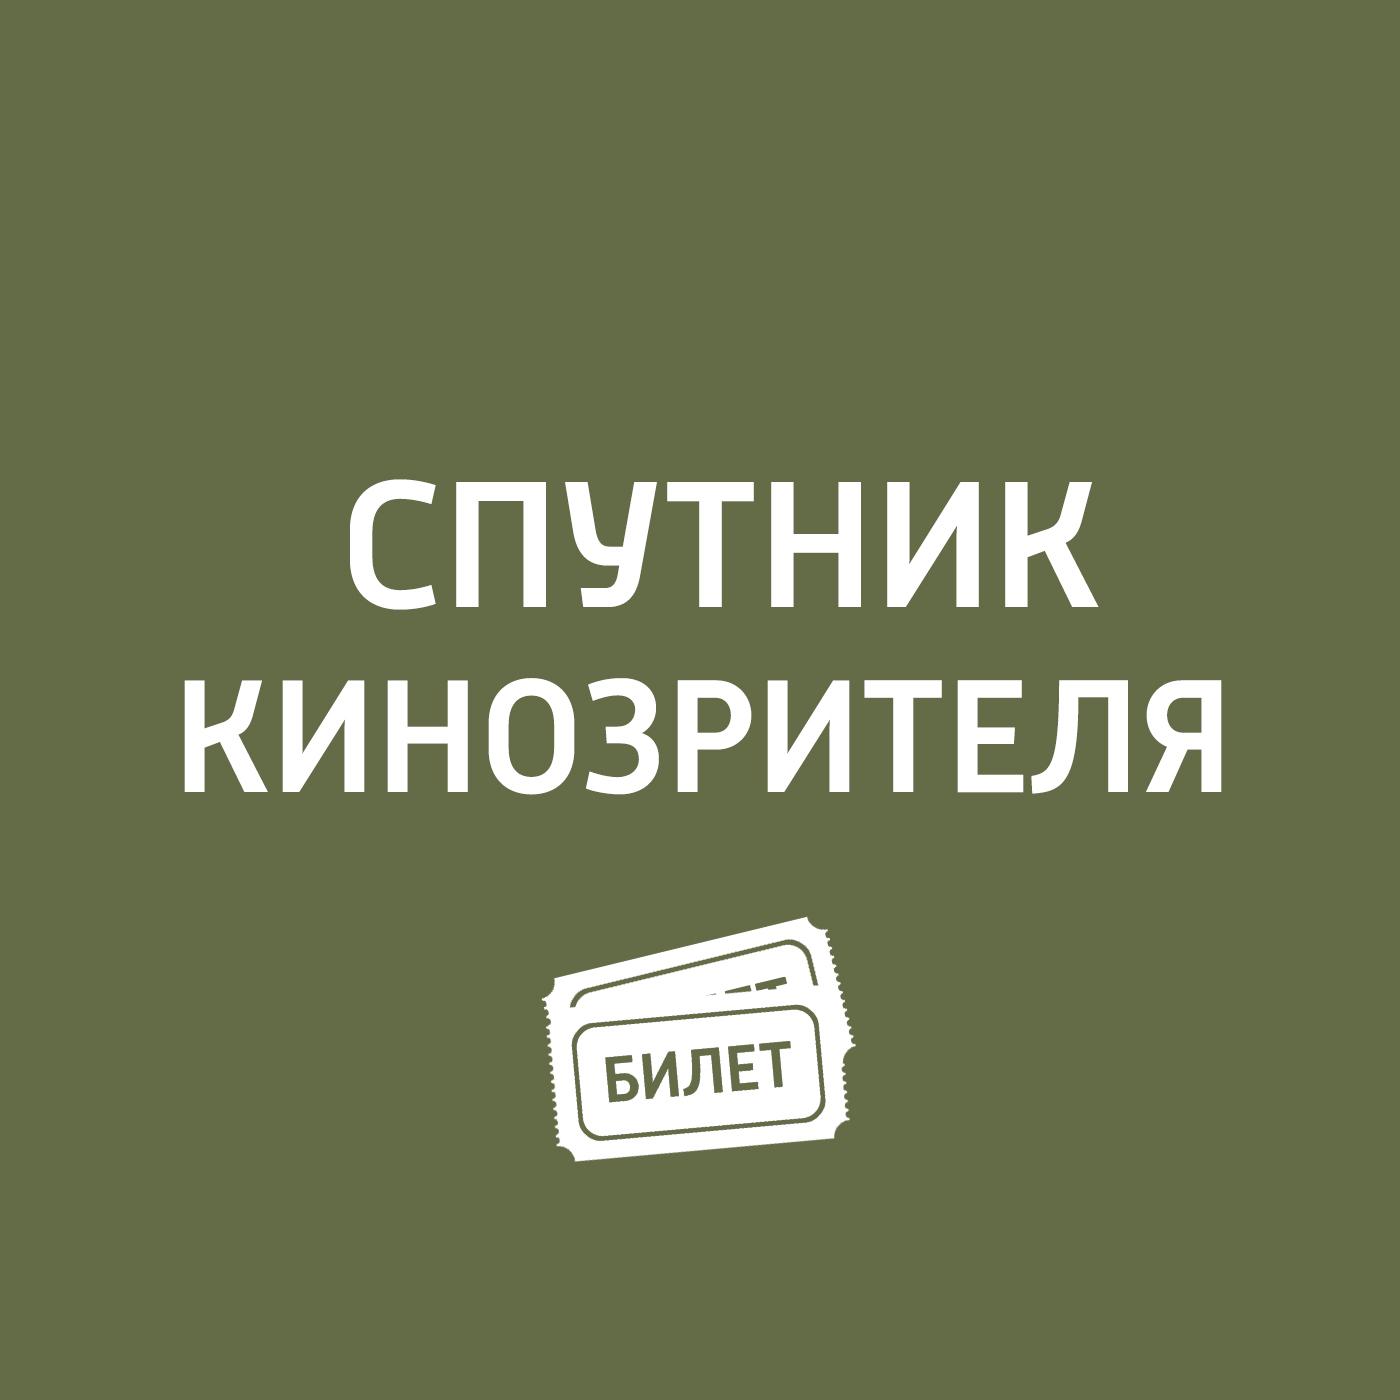 Антон Долин Премьеры. «Новейший завет